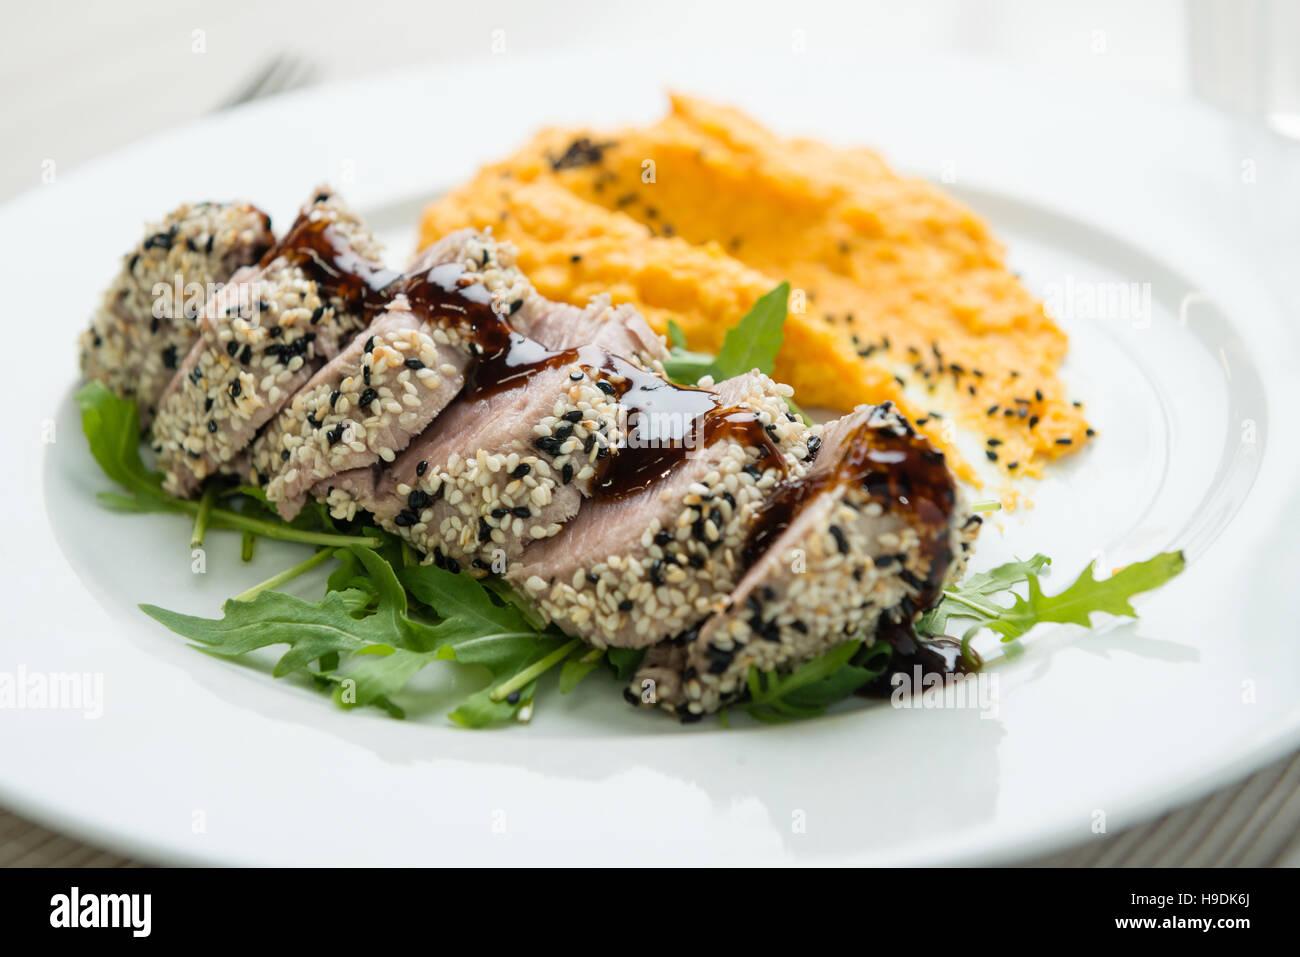 Steak de thon aux graines de sésame et purée de patate douce Photo Stock